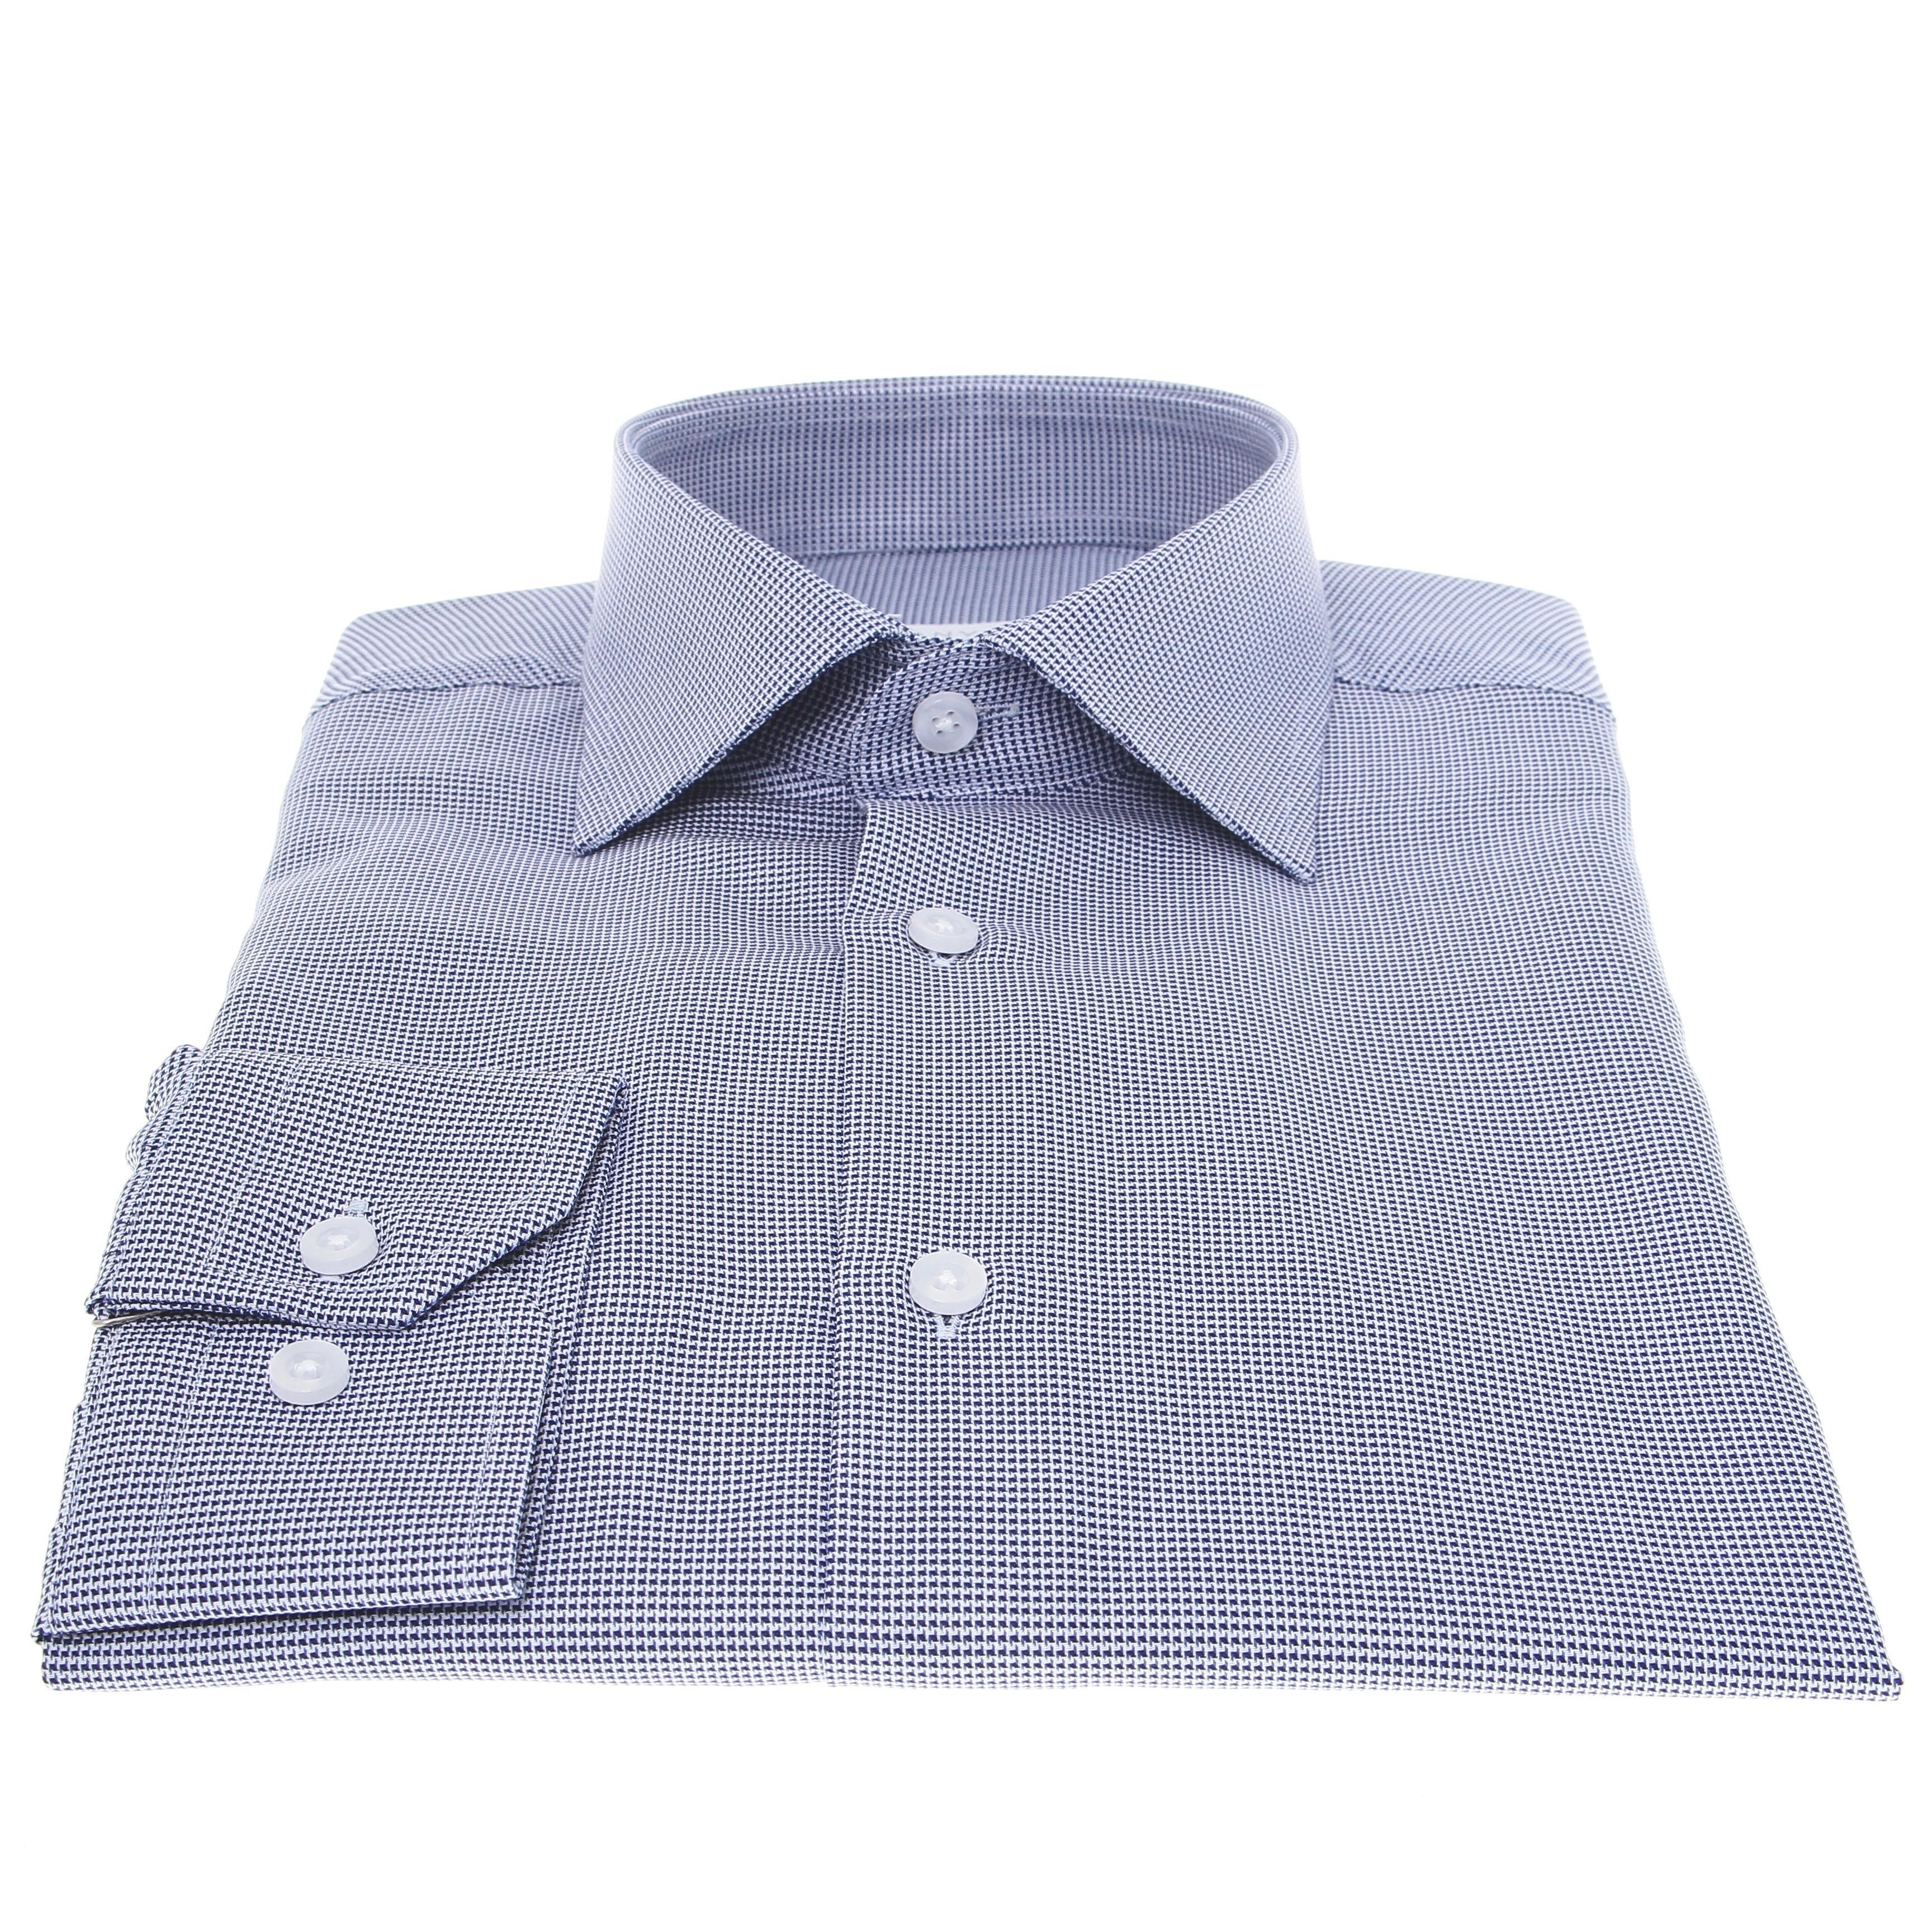 Chemise Prince : Motifs - Bleu et blanc - Col français (chemise)